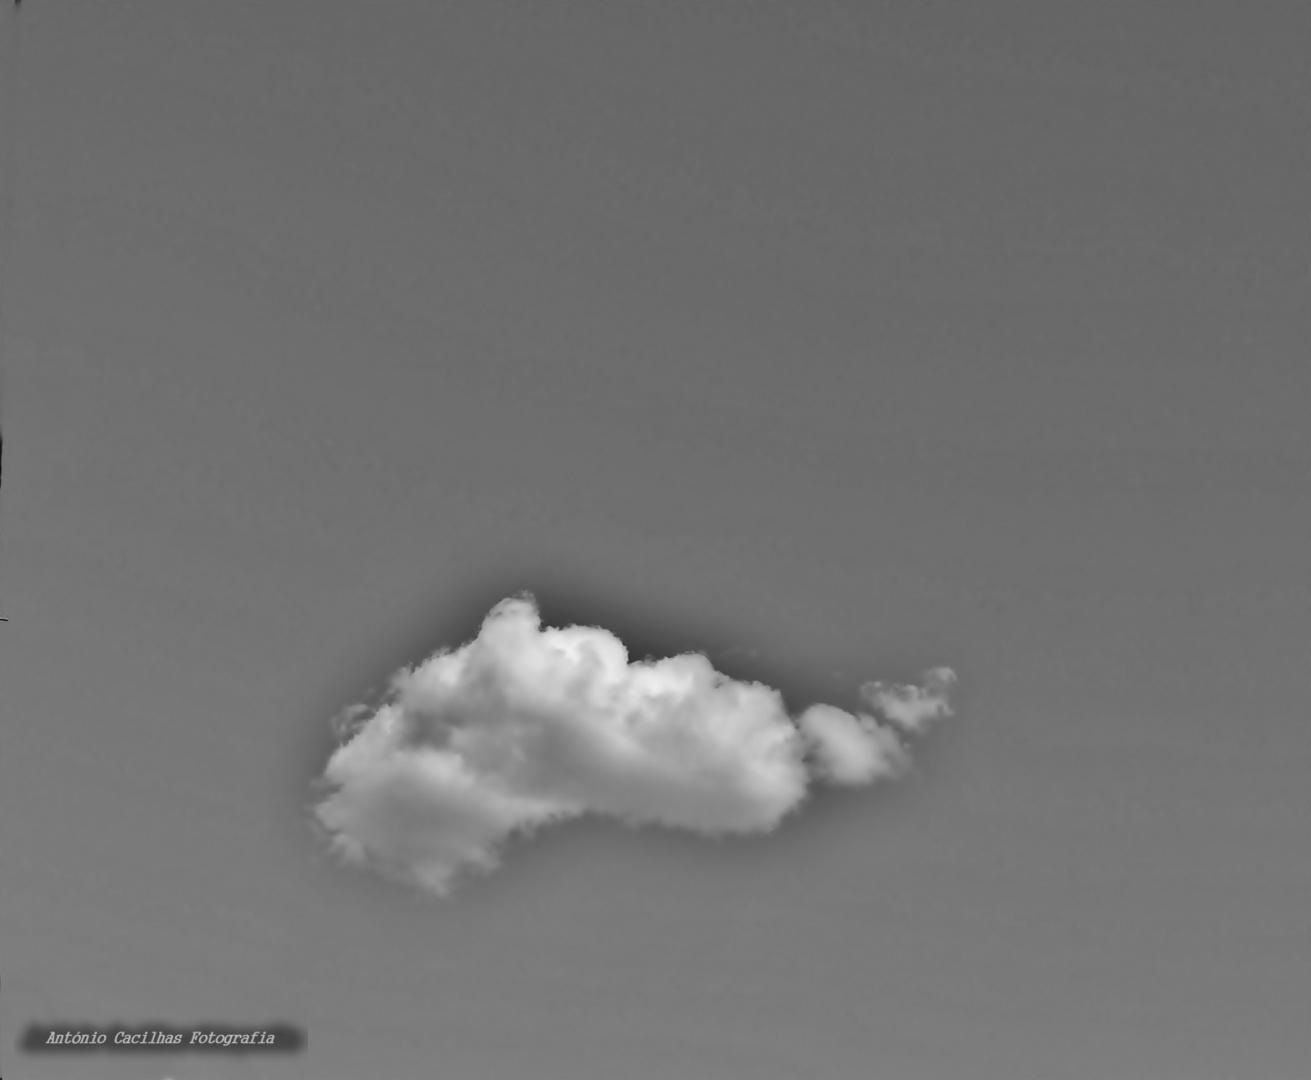 Abstrato/Nuvem - ler